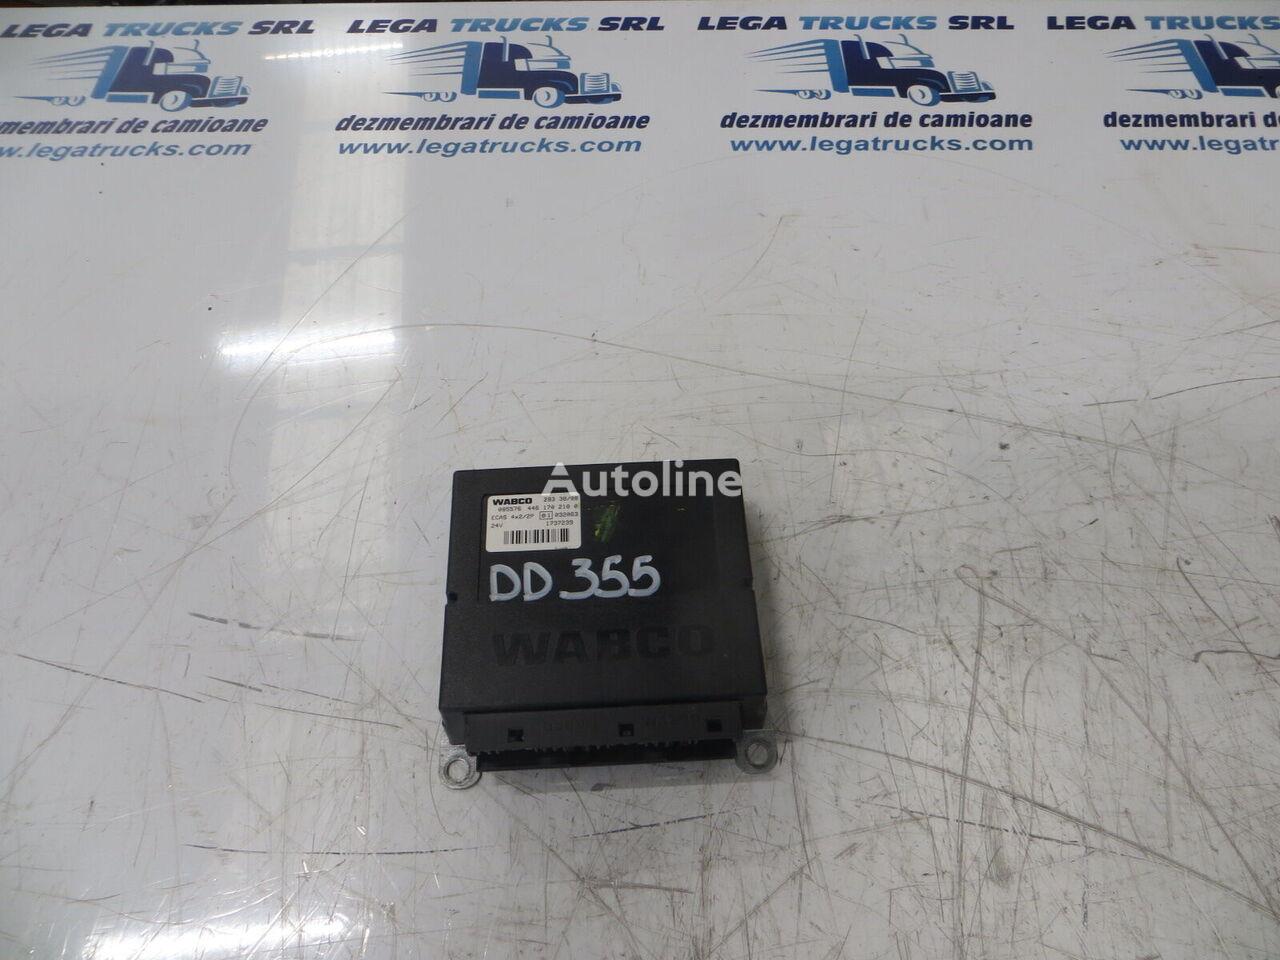 DAF Calculator ECAS XF / / DD355 (DD355) unidad de control para DAF XF tractora